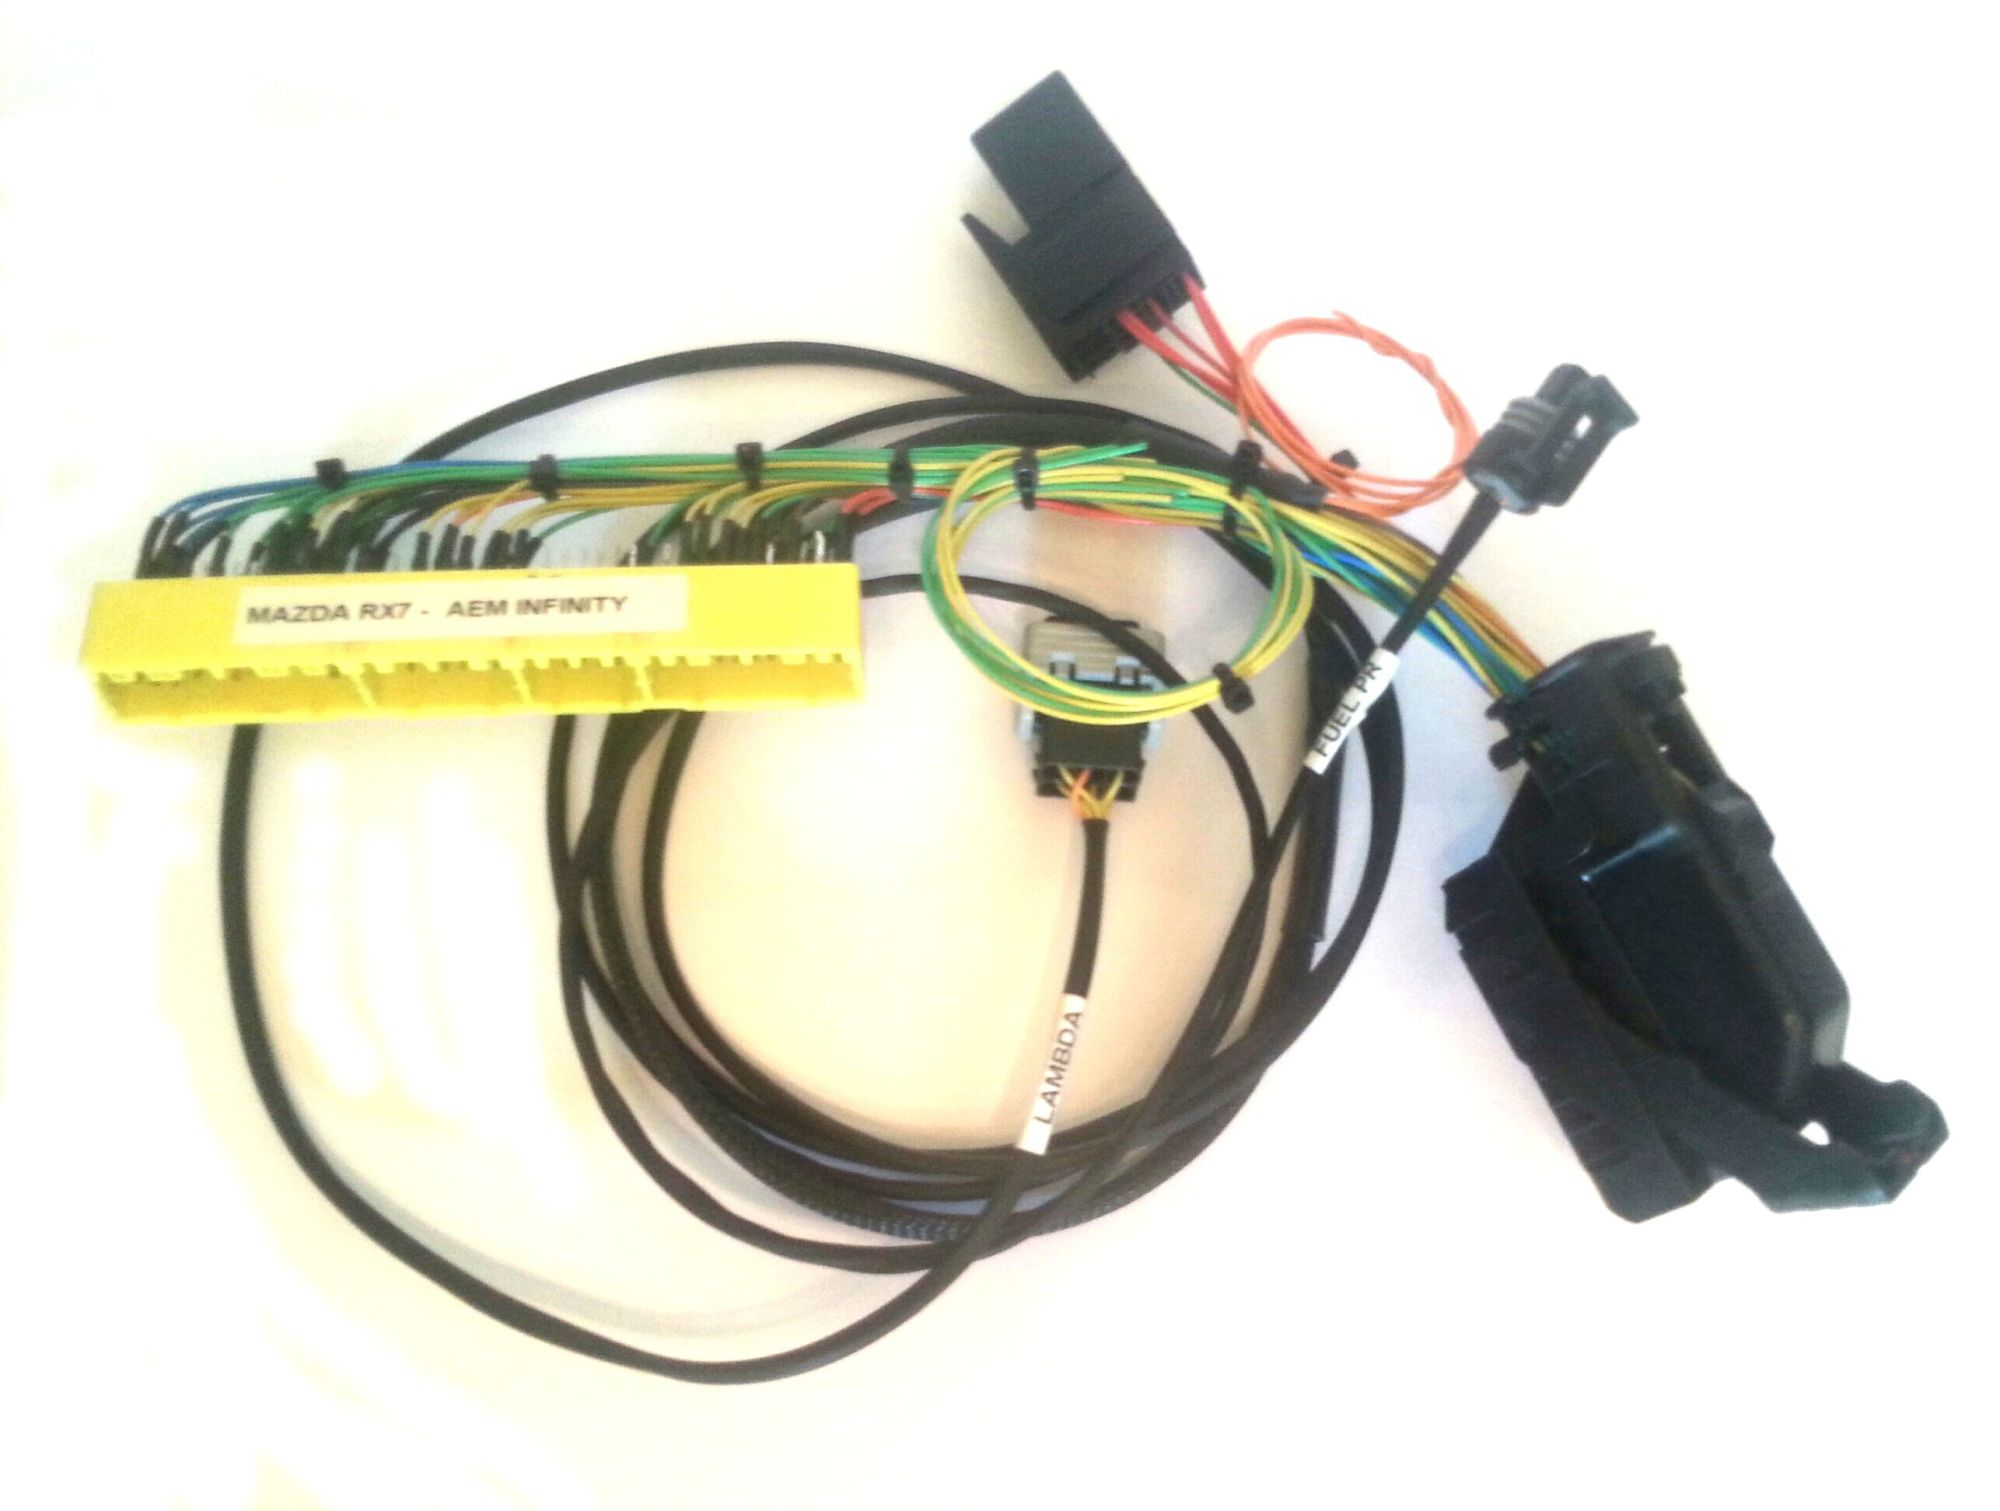 hight resolution of mazda rx7 aem infinity plug n play ecu